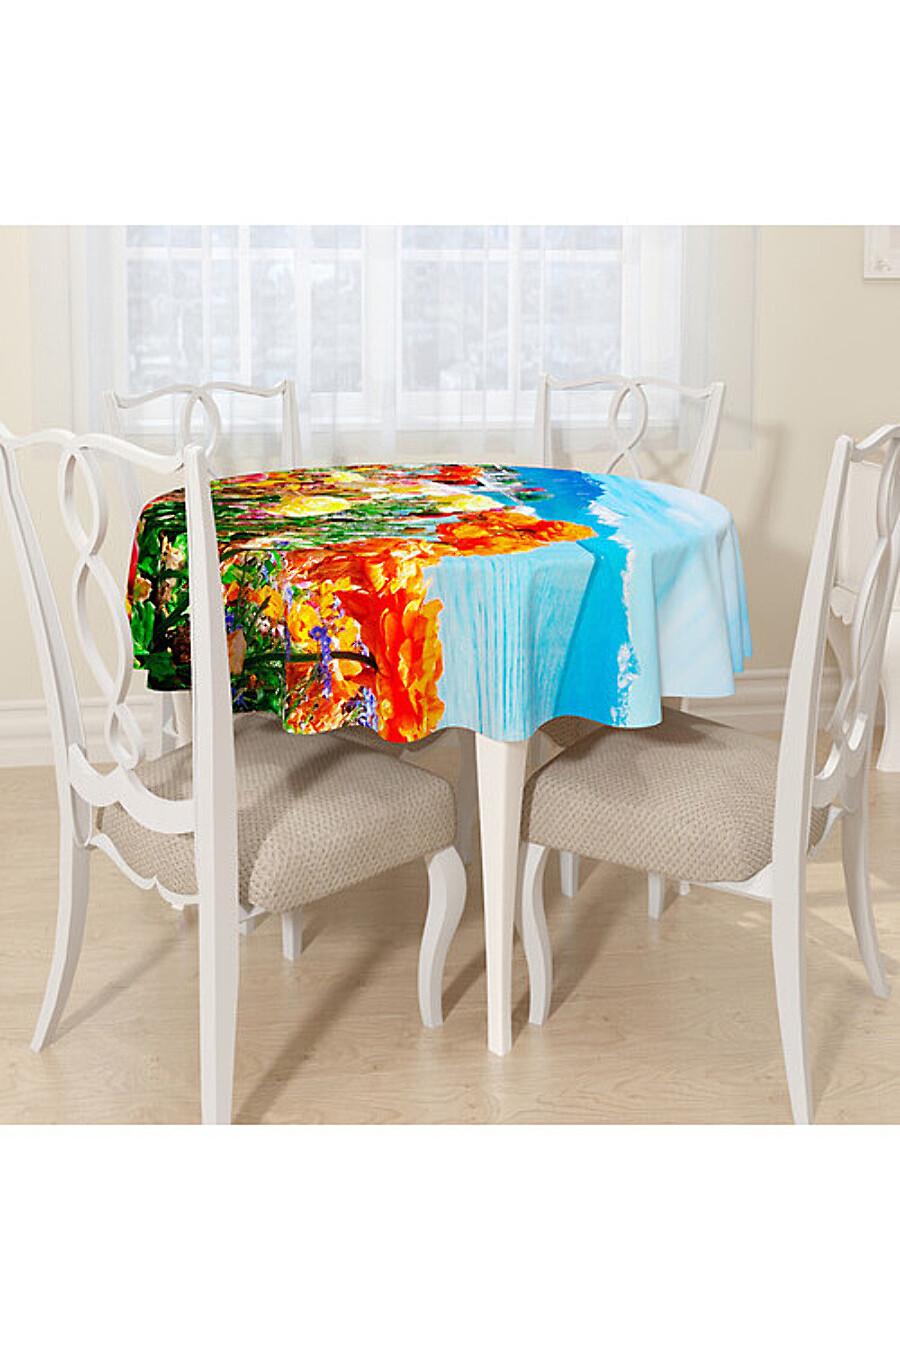 Скатерть для дома ART HOME TEXTILE 180155 купить оптом от производителя. Совместная покупка товаров для дома в OptMoyo